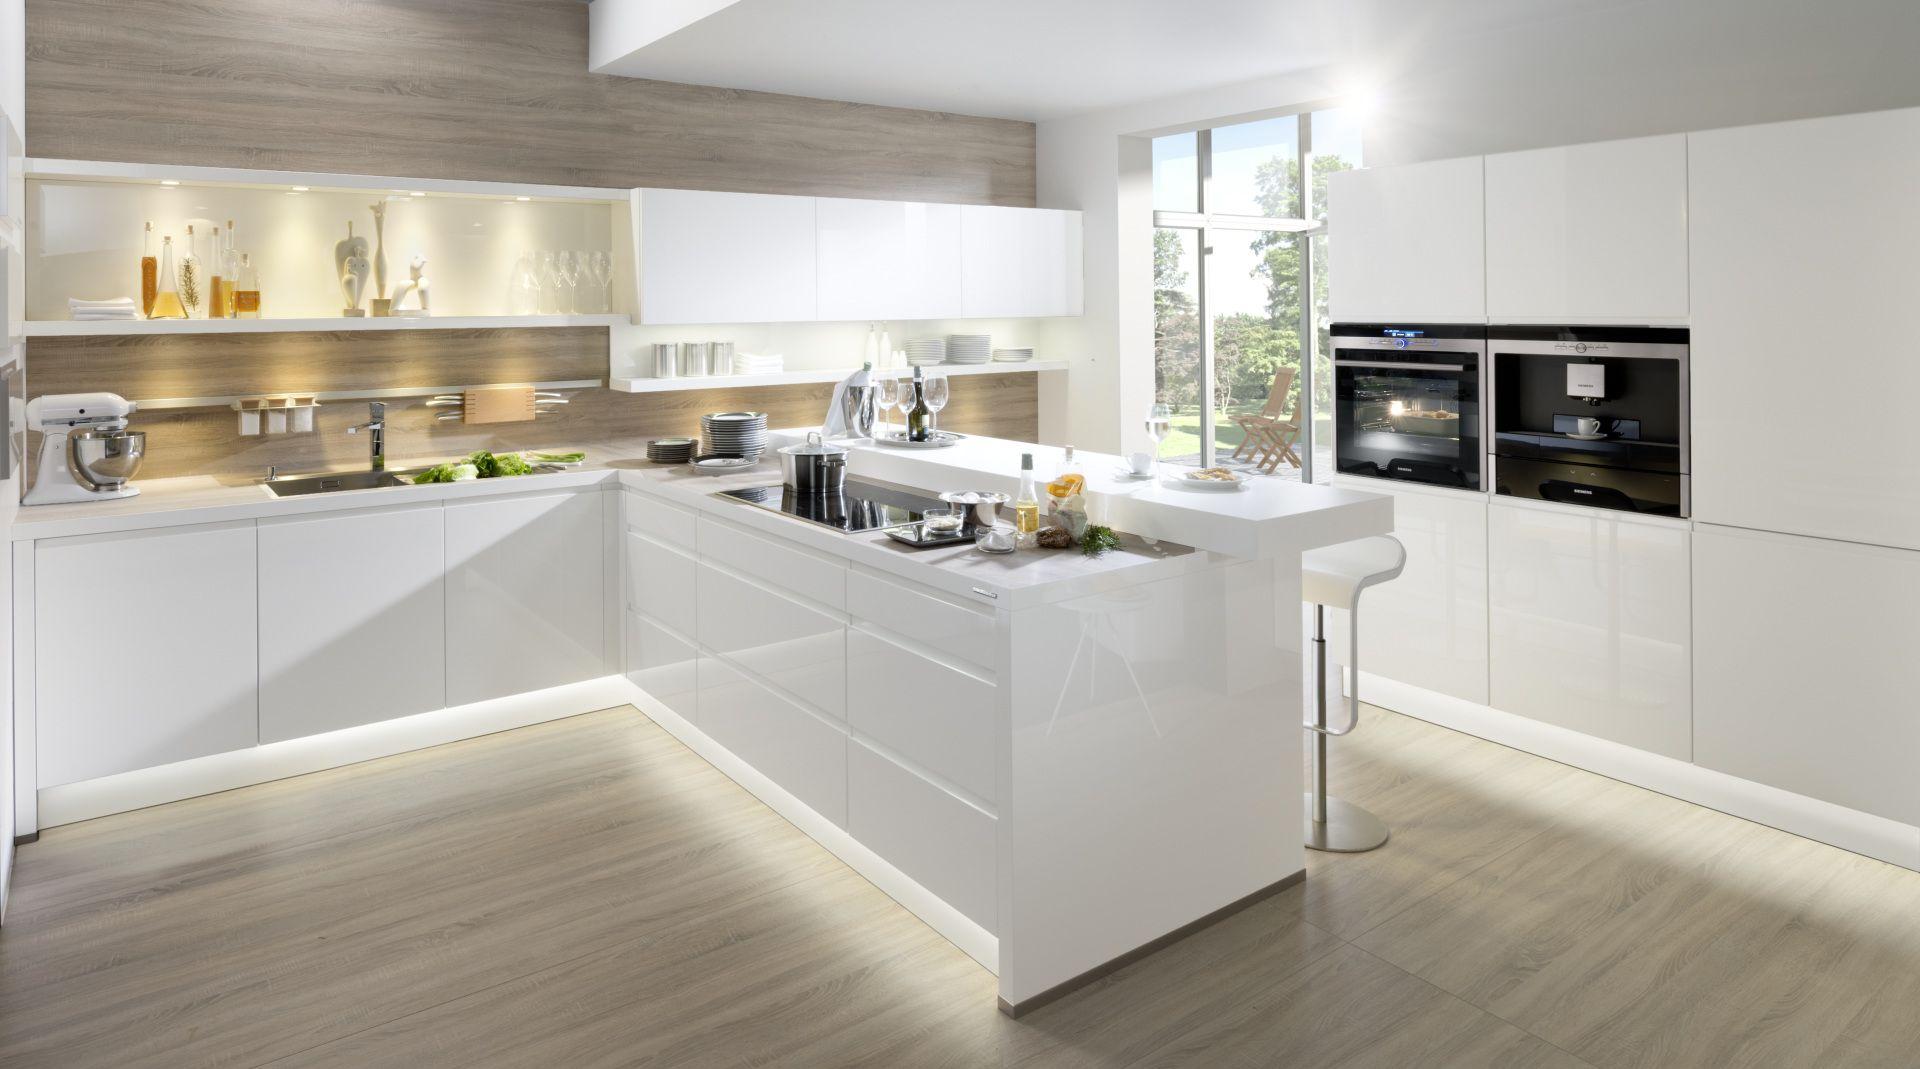 Nolte Kitchens Visit the UK's Largest Nolte Kitchen